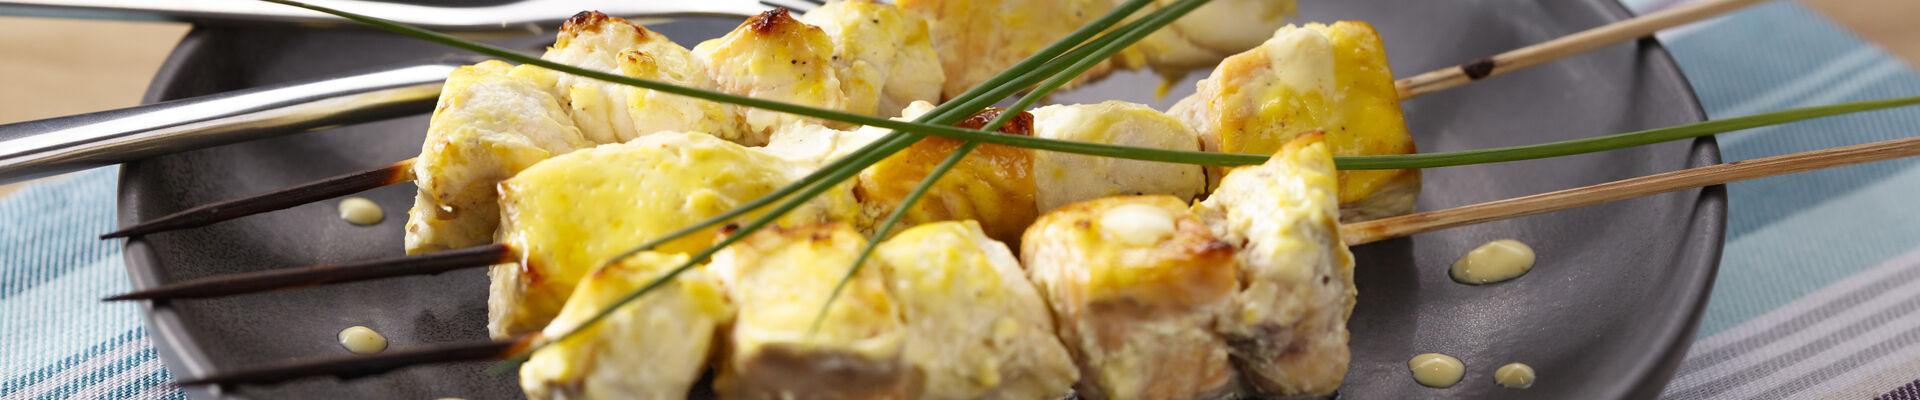 Brochettes de lotte et saumon, marinade au safran